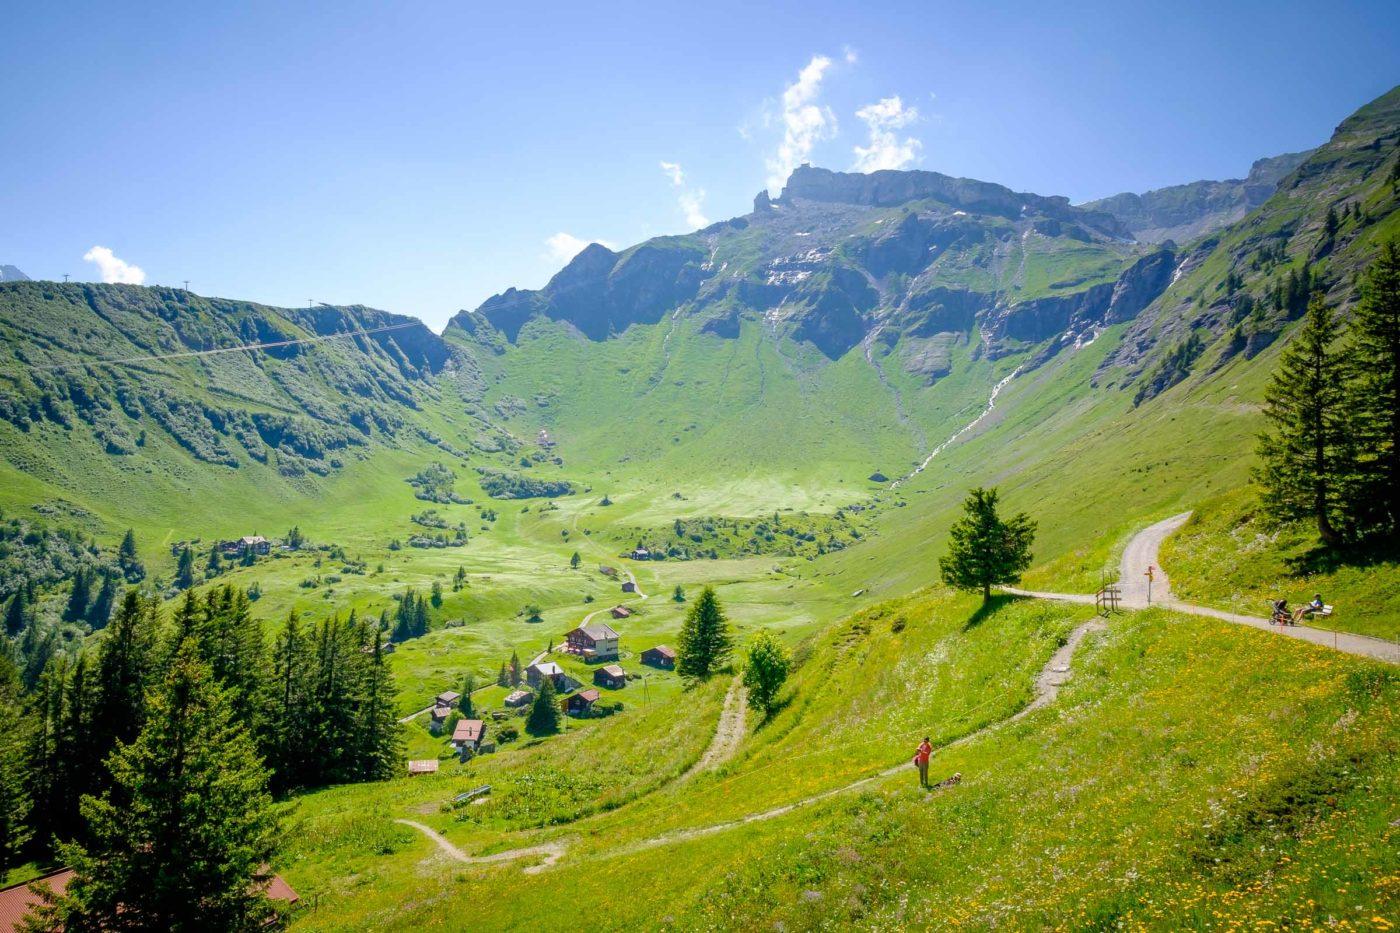 Bluemental, Switzerland